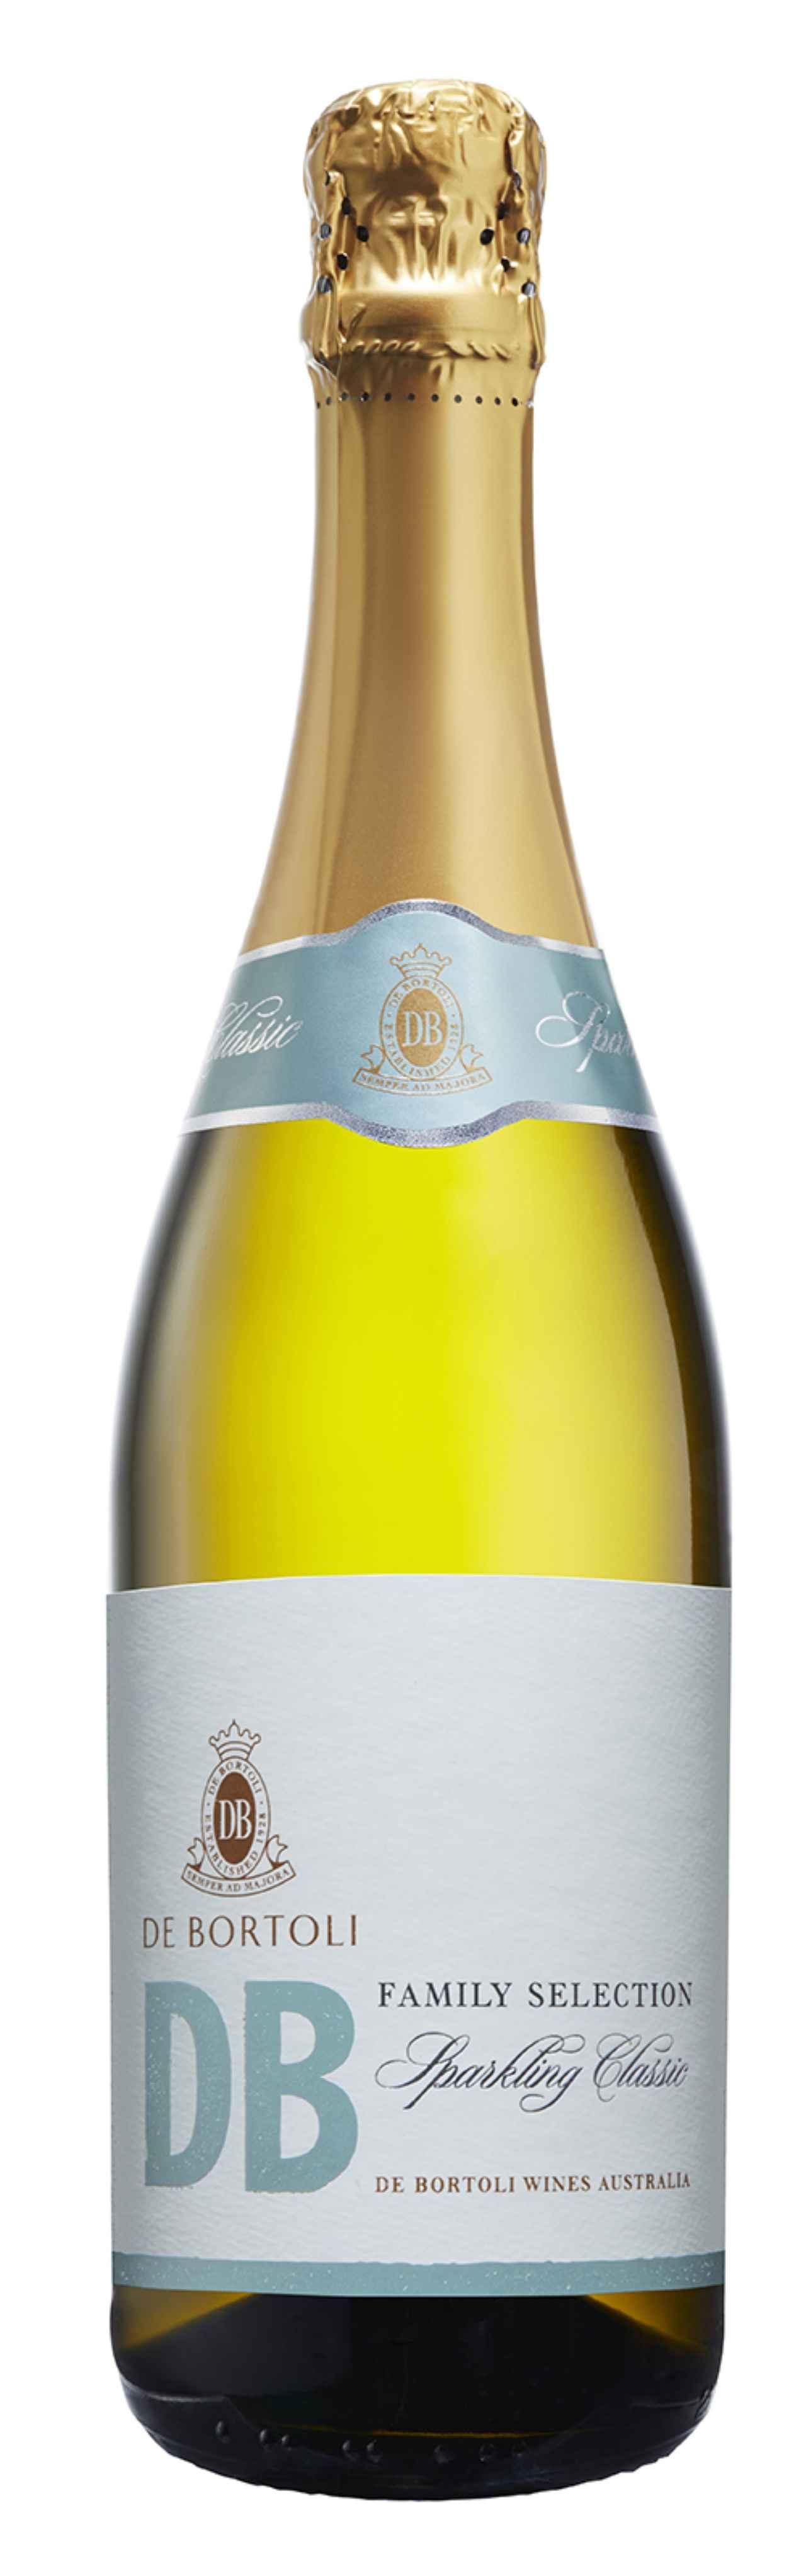 画像: 「De Bortoli DB Family Selection Sparkling Classic」 (デ・ボルトリ・ディービー・スパークリング・クラシックNV) 口に含んだ瞬間、感じられる泡の広がりの中に、もぎたてフルーツの香りが印象的。 若々しい酸味と甘みのバランスが良く、飲みやすい仕上がりがこの季節によく合う、やや辛口のスパークリングワイン。